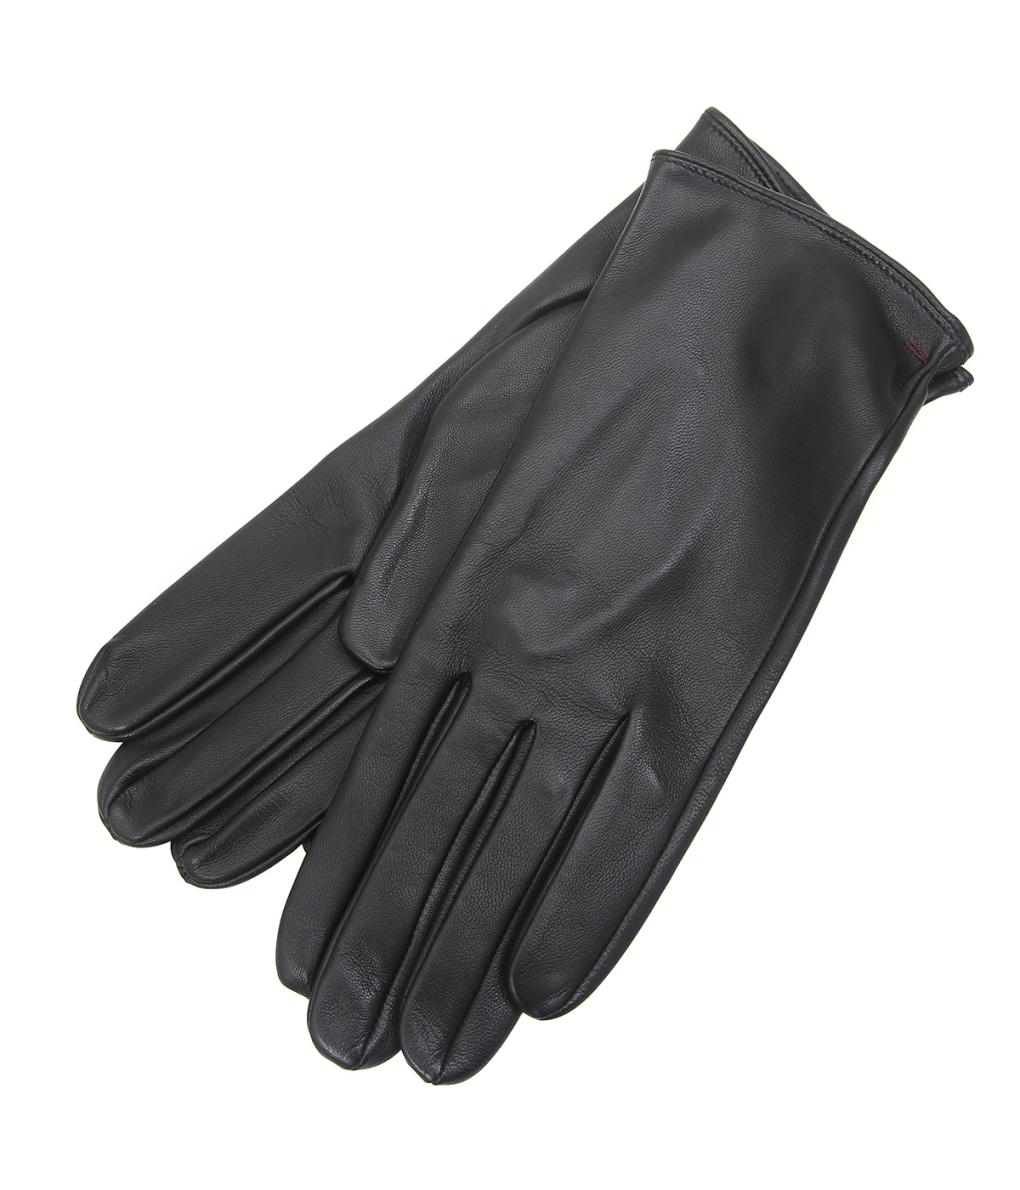 DENTS / デンツ : Skyfall : デンツ レザーグローブ 羊革 シープレザー ブラック レザー グローブ プレゼント 手袋 メンズ : 5-1007 【MUS】